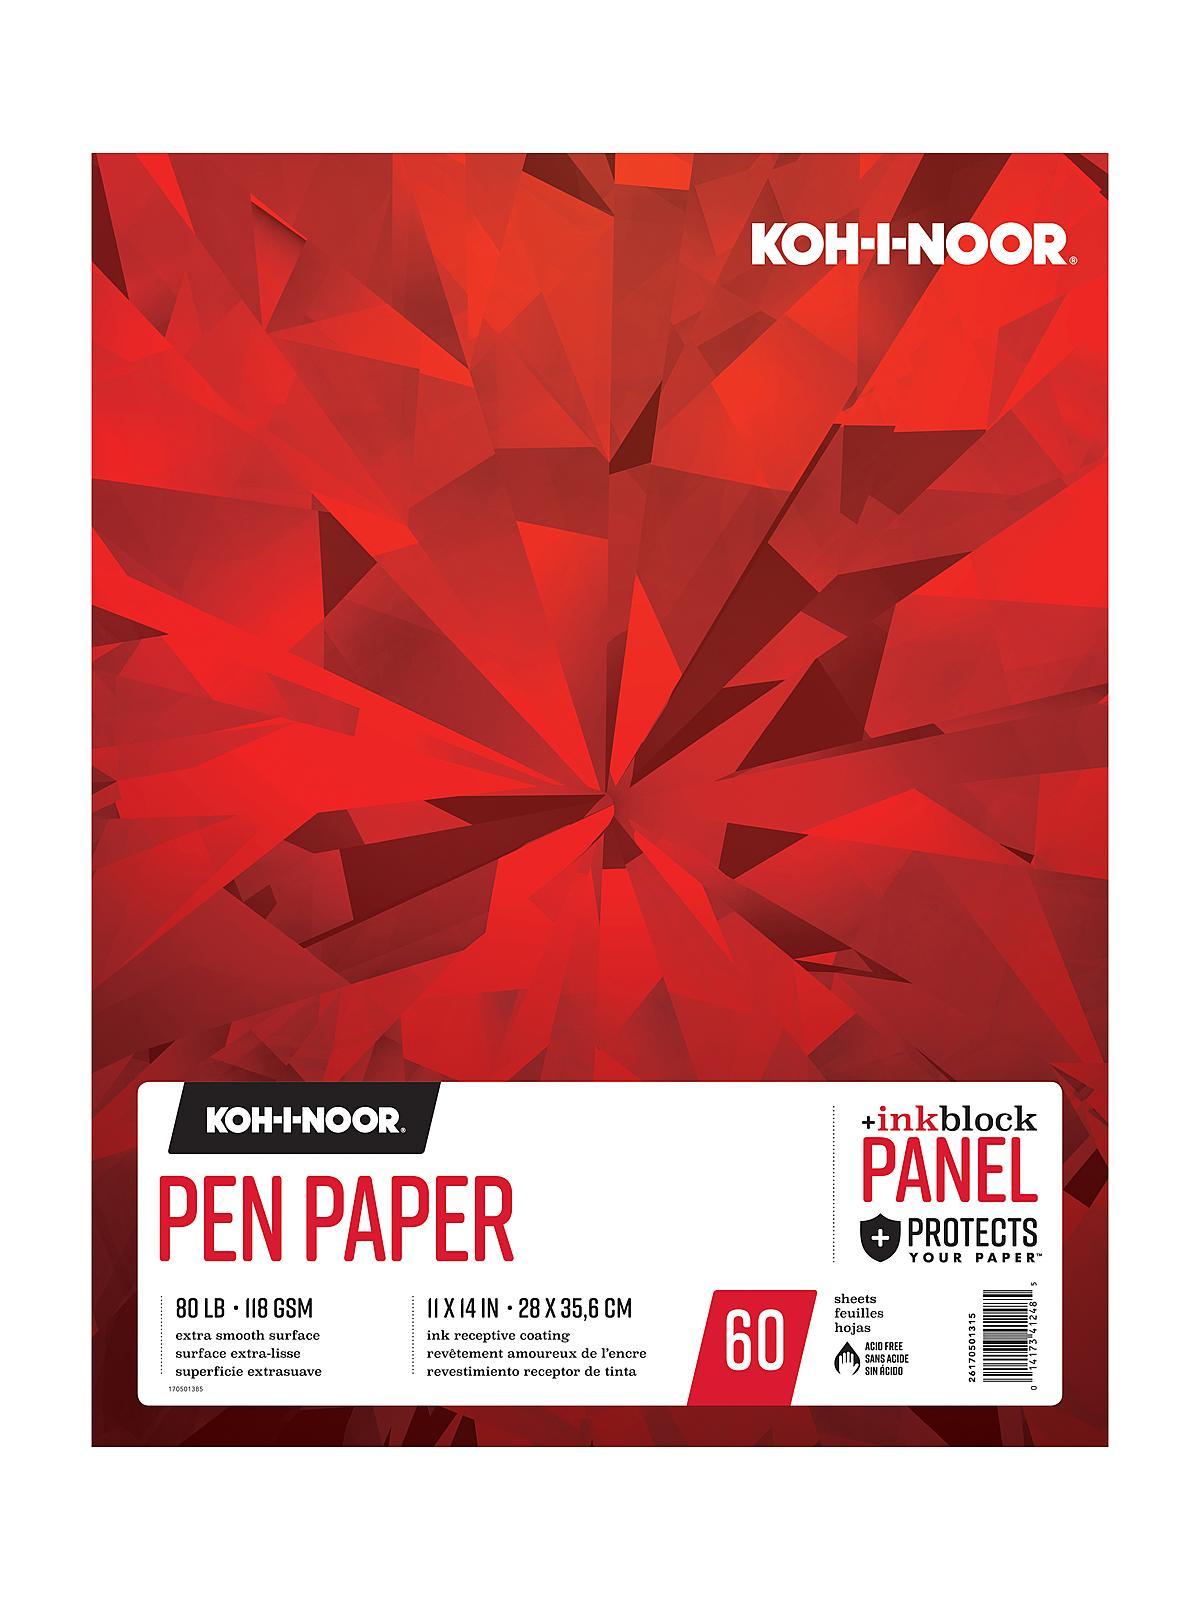 Pen Paper Pads